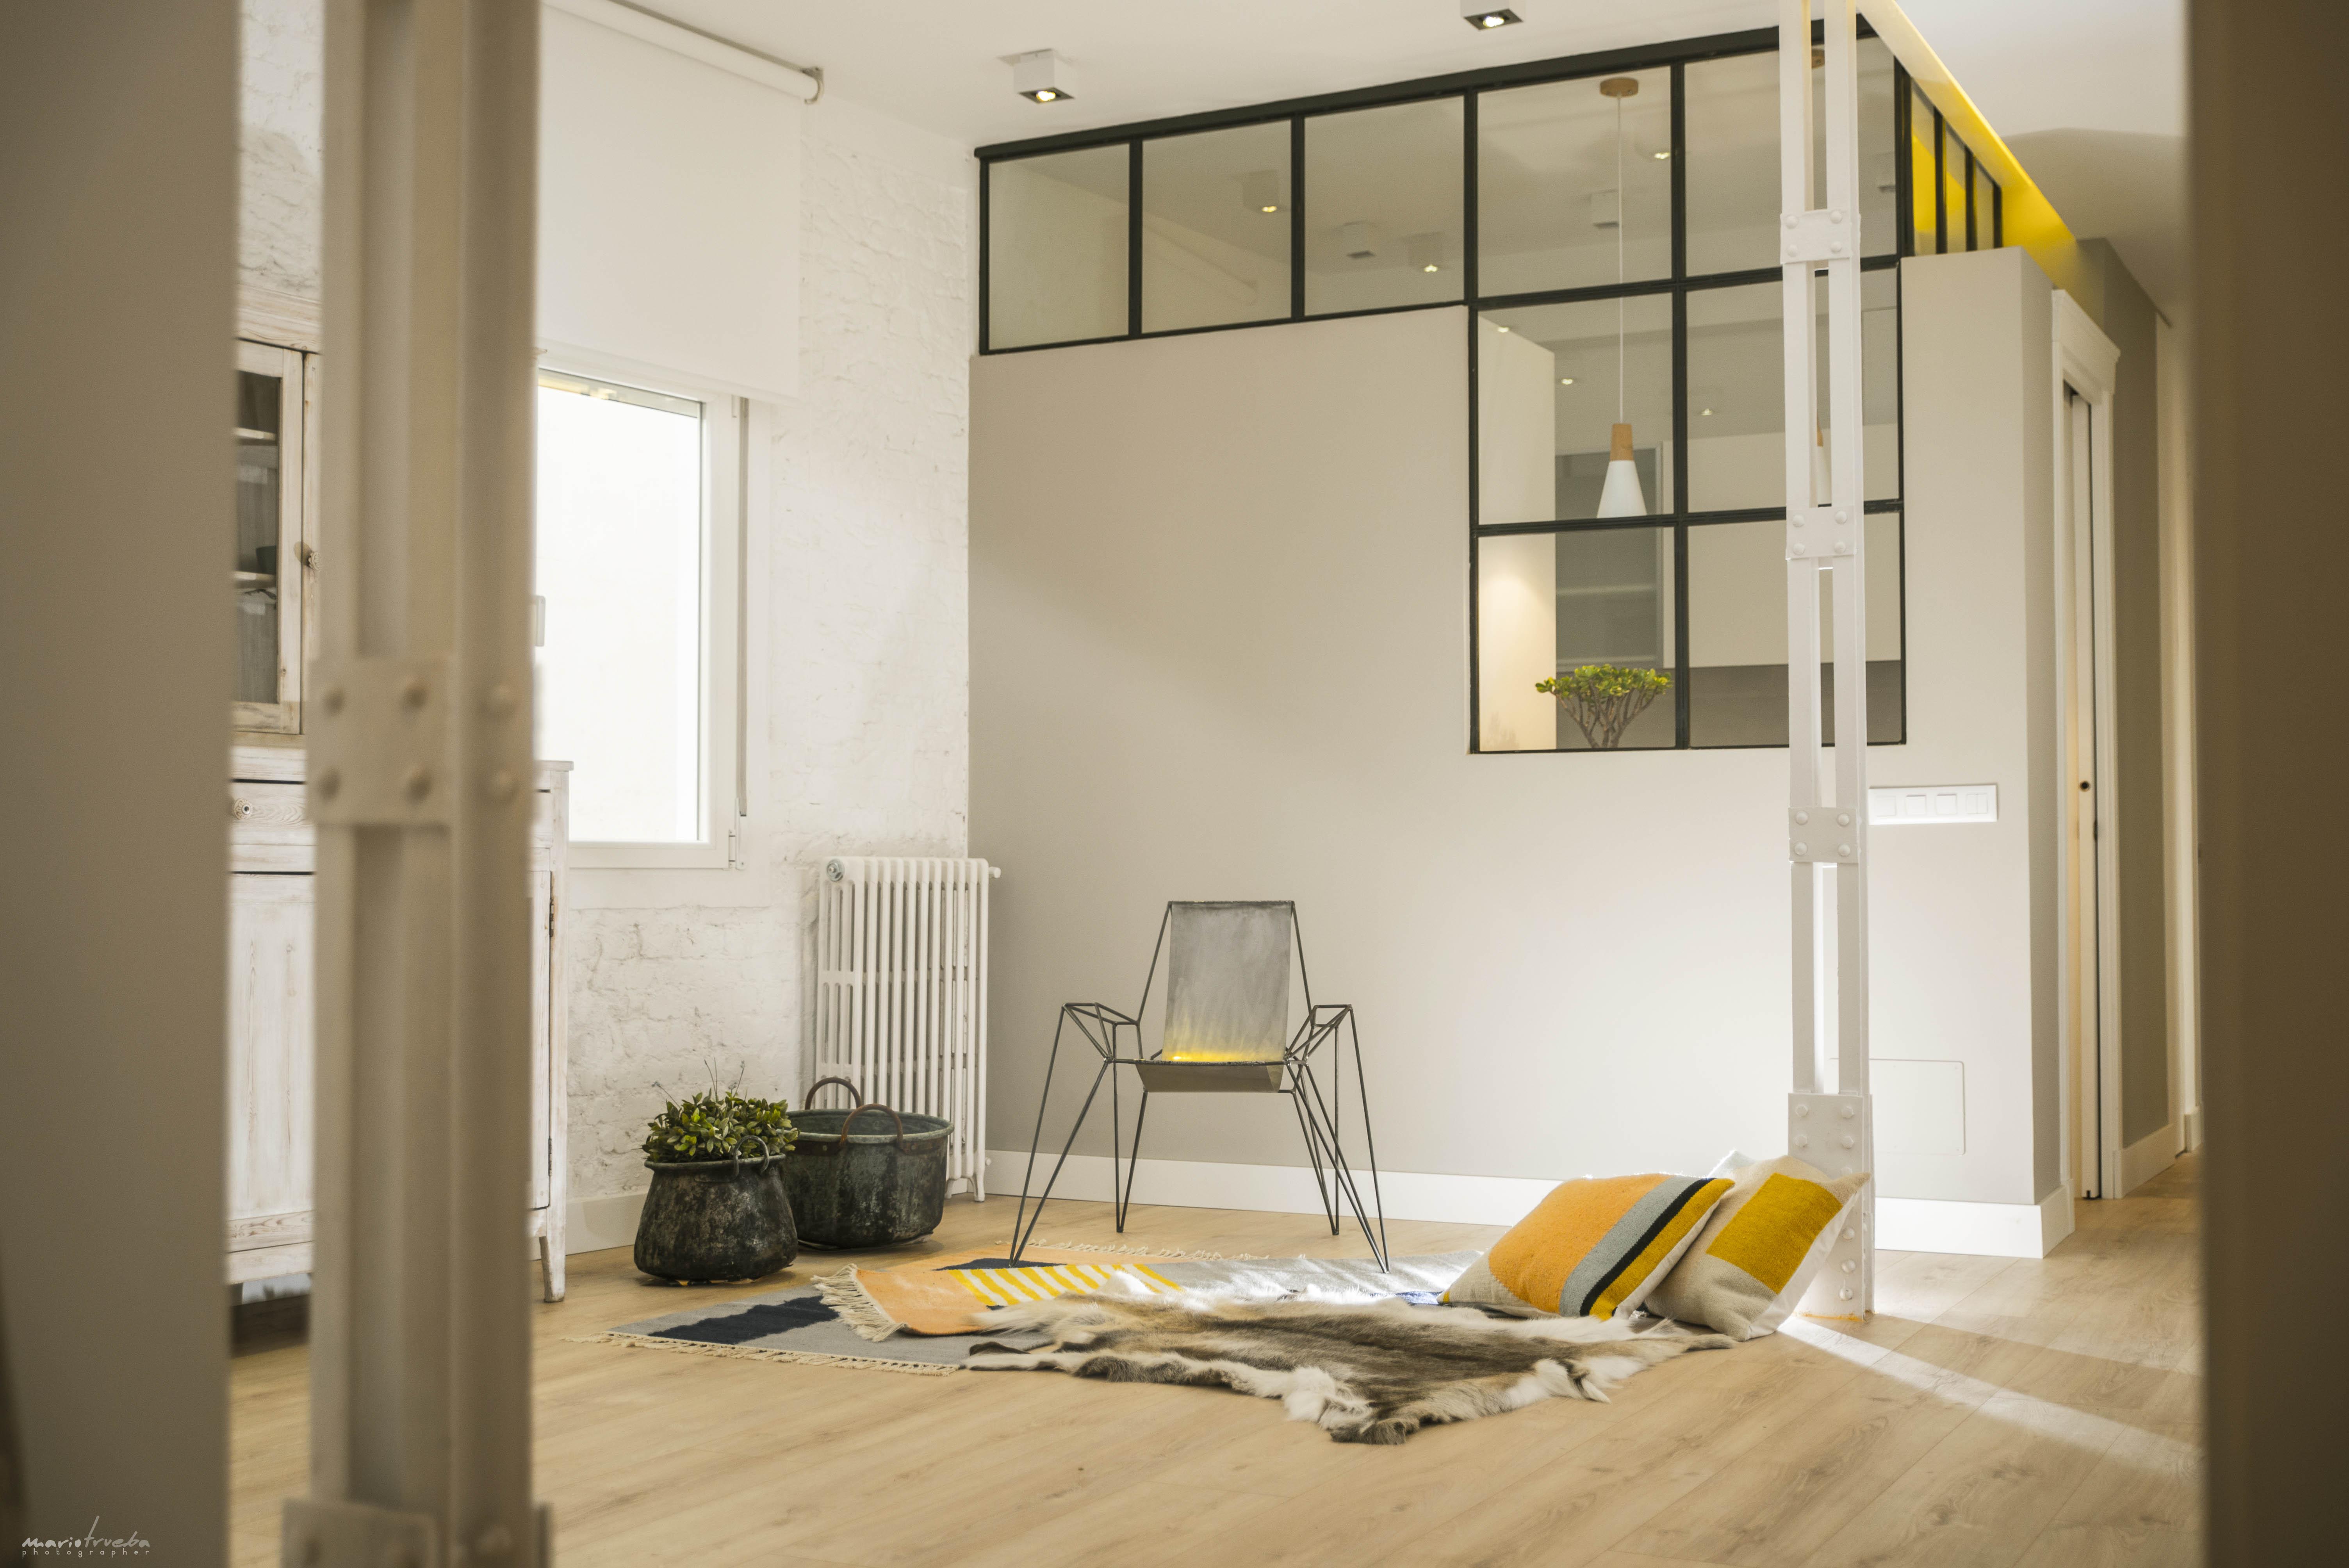 Cuanto cuesta una reforma integral de un piso latest - Cuanto vale una reforma de un piso ...